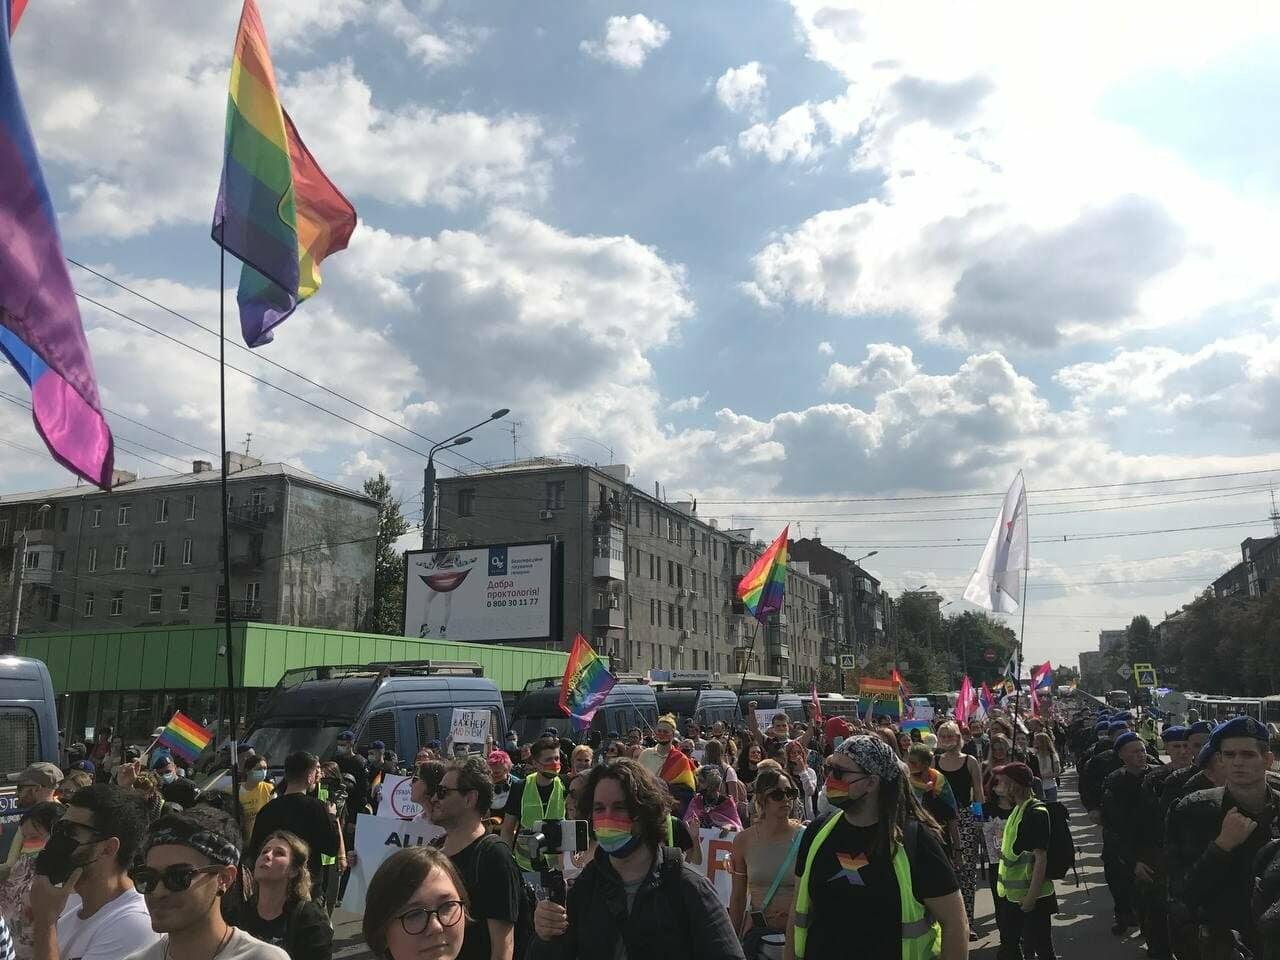 «Нет важней любви». Как в центре Харькова прошел ЛГБТ-марш, - ФОТОРЕПОРТАЖ, фото-2